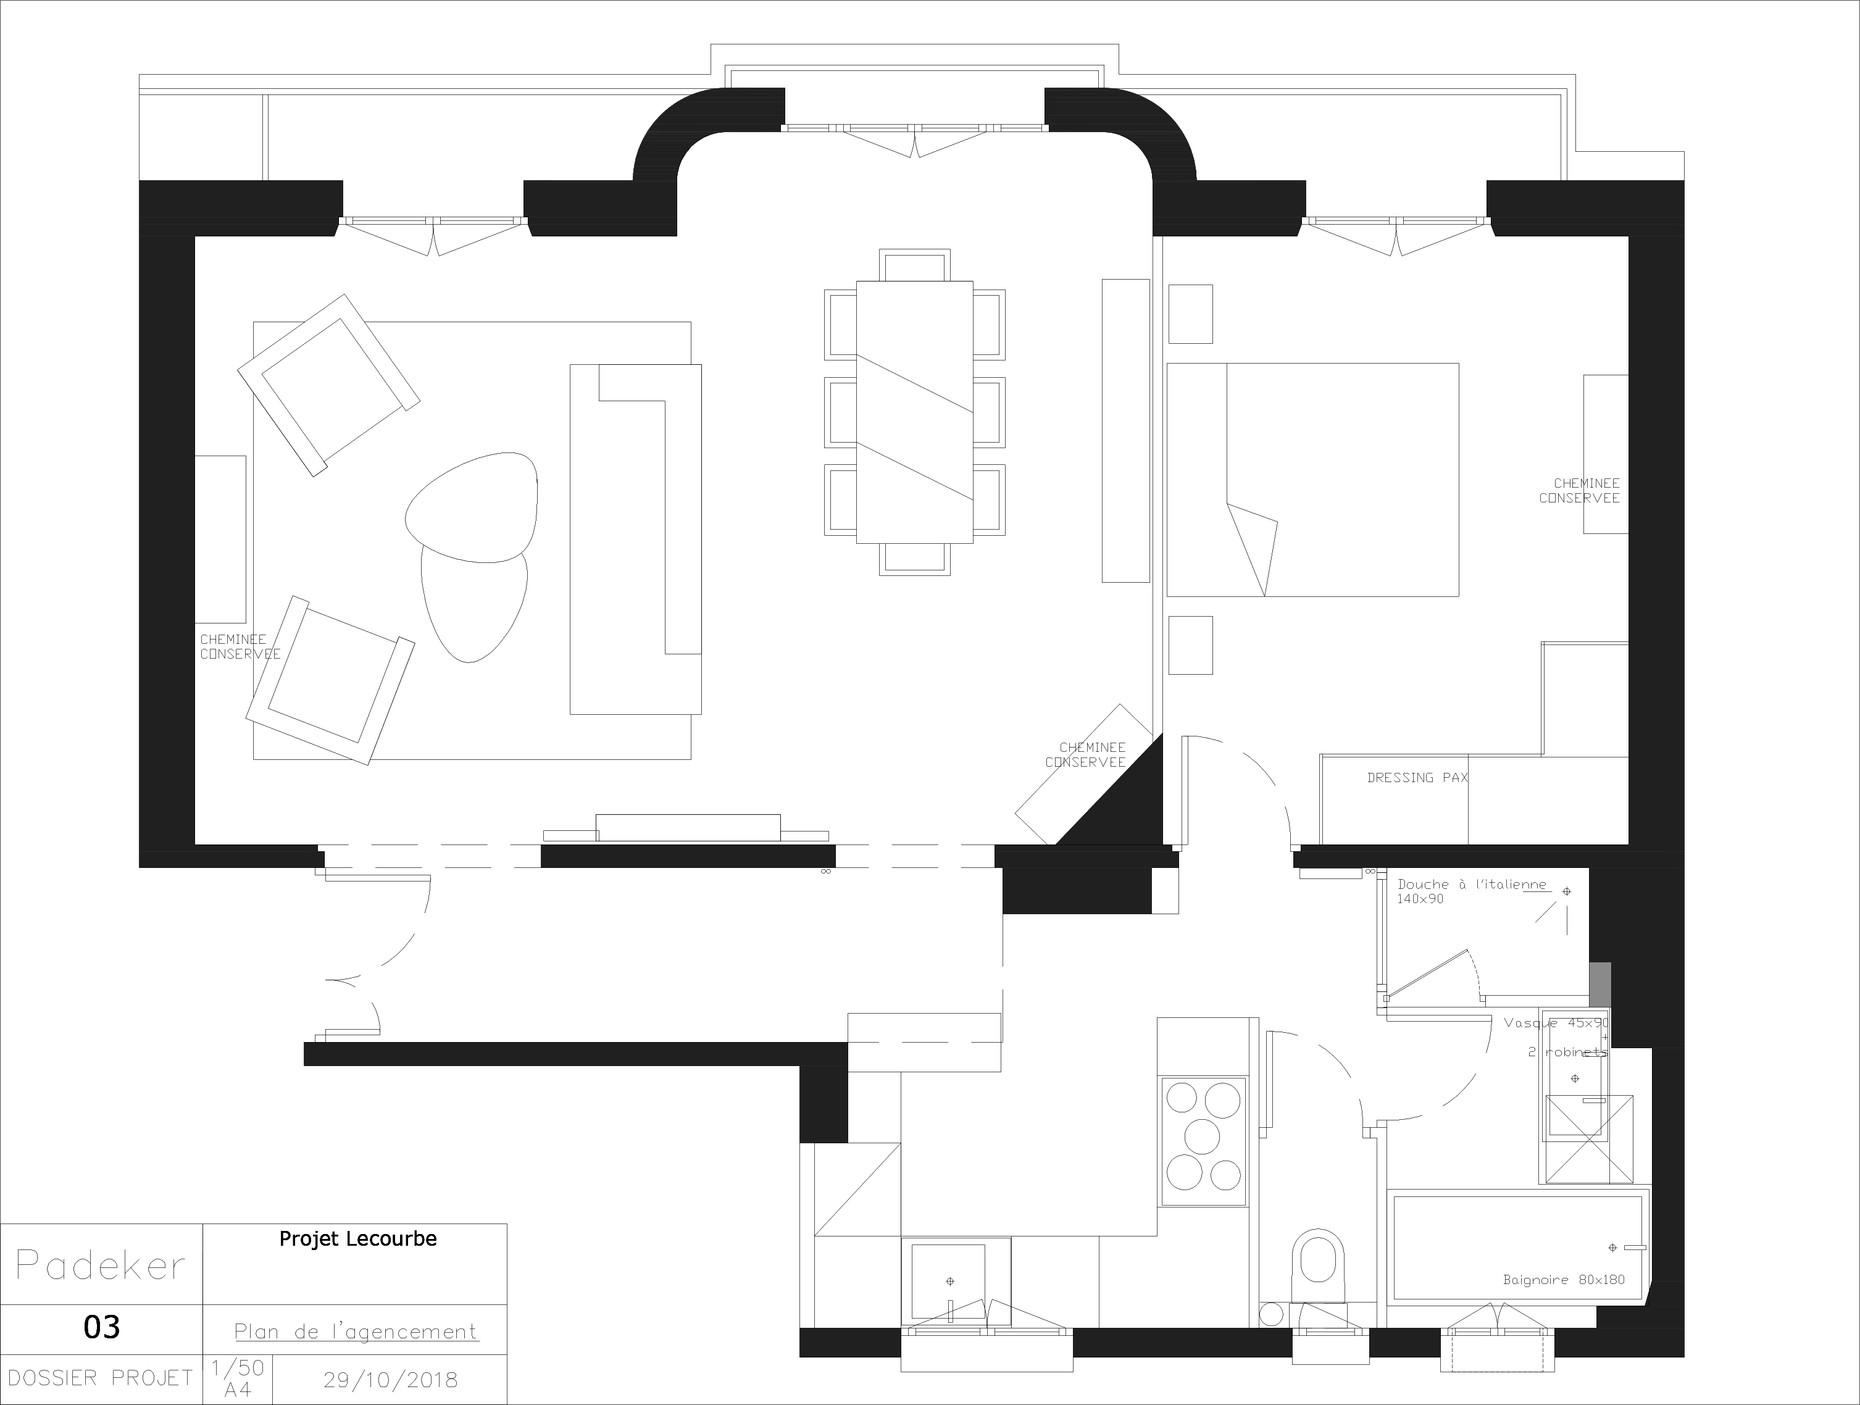 Projet Lecourbe 181029-03 Plan de l'agen